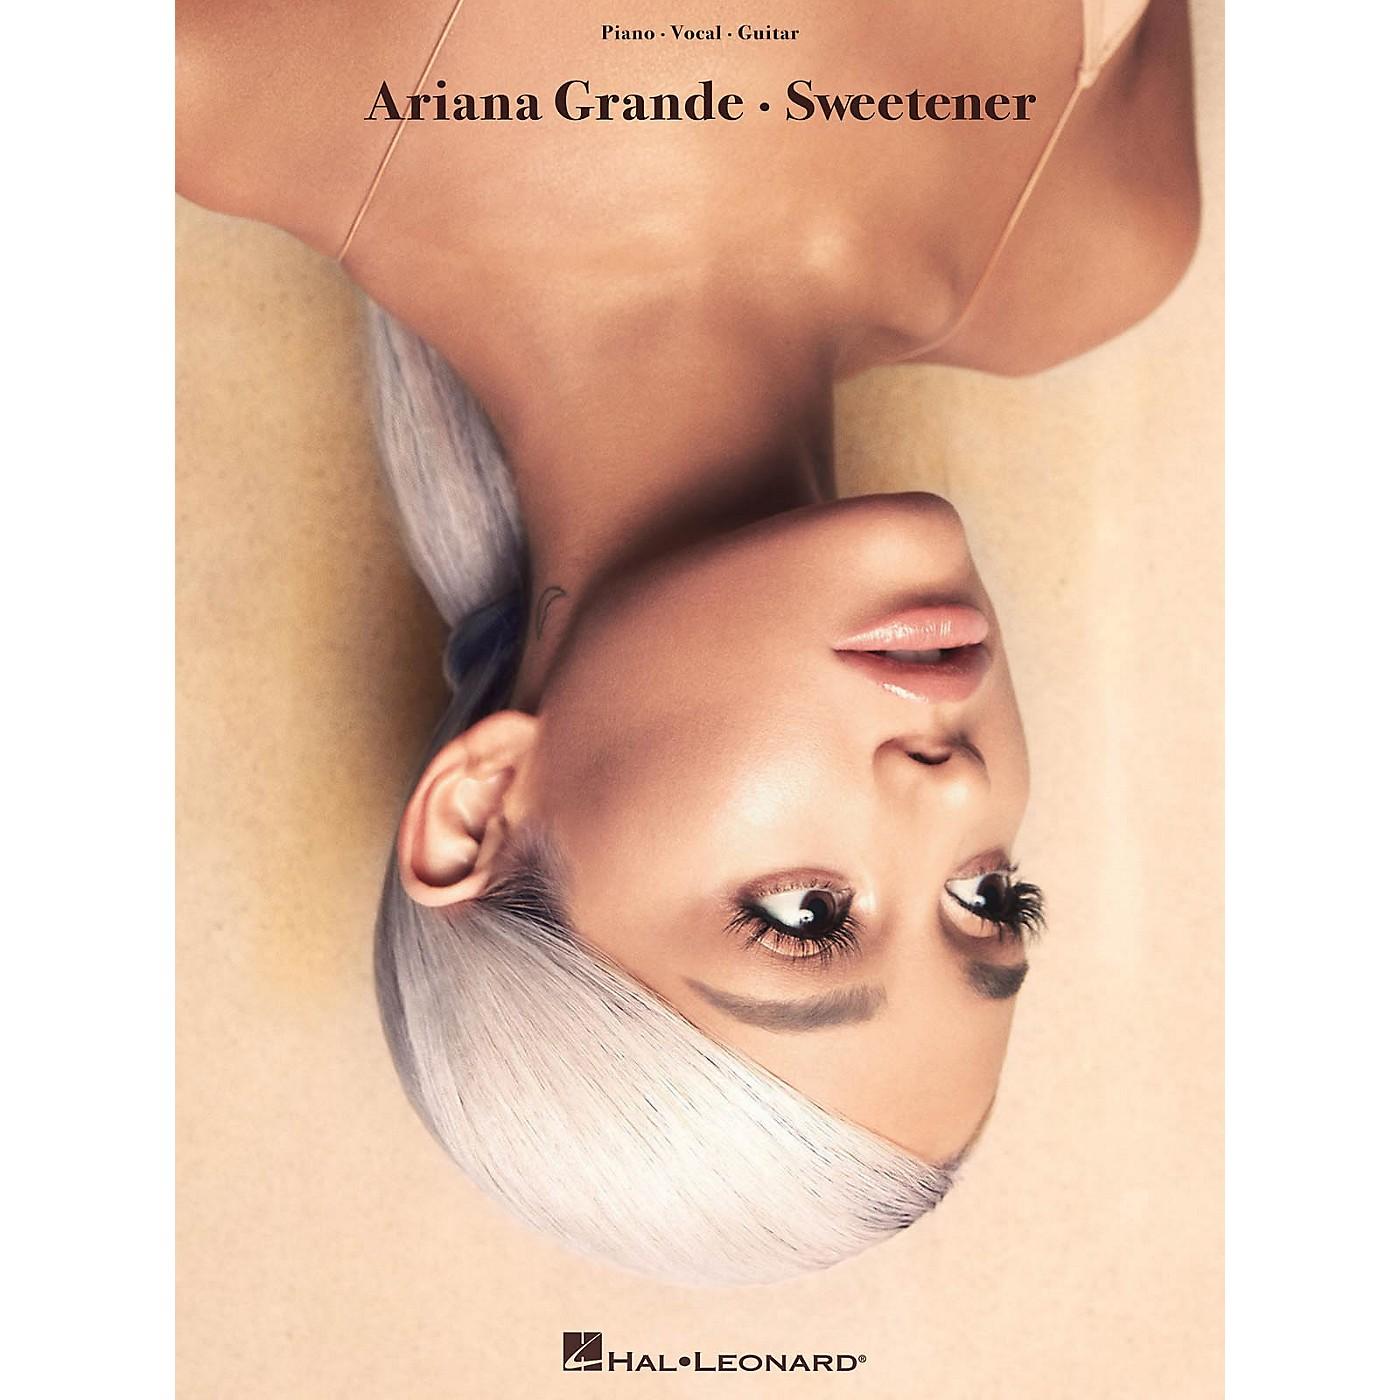 Hal Leonard Ariana Grande - Sweetener Piano/Vocal/Guitar Songbook thumbnail